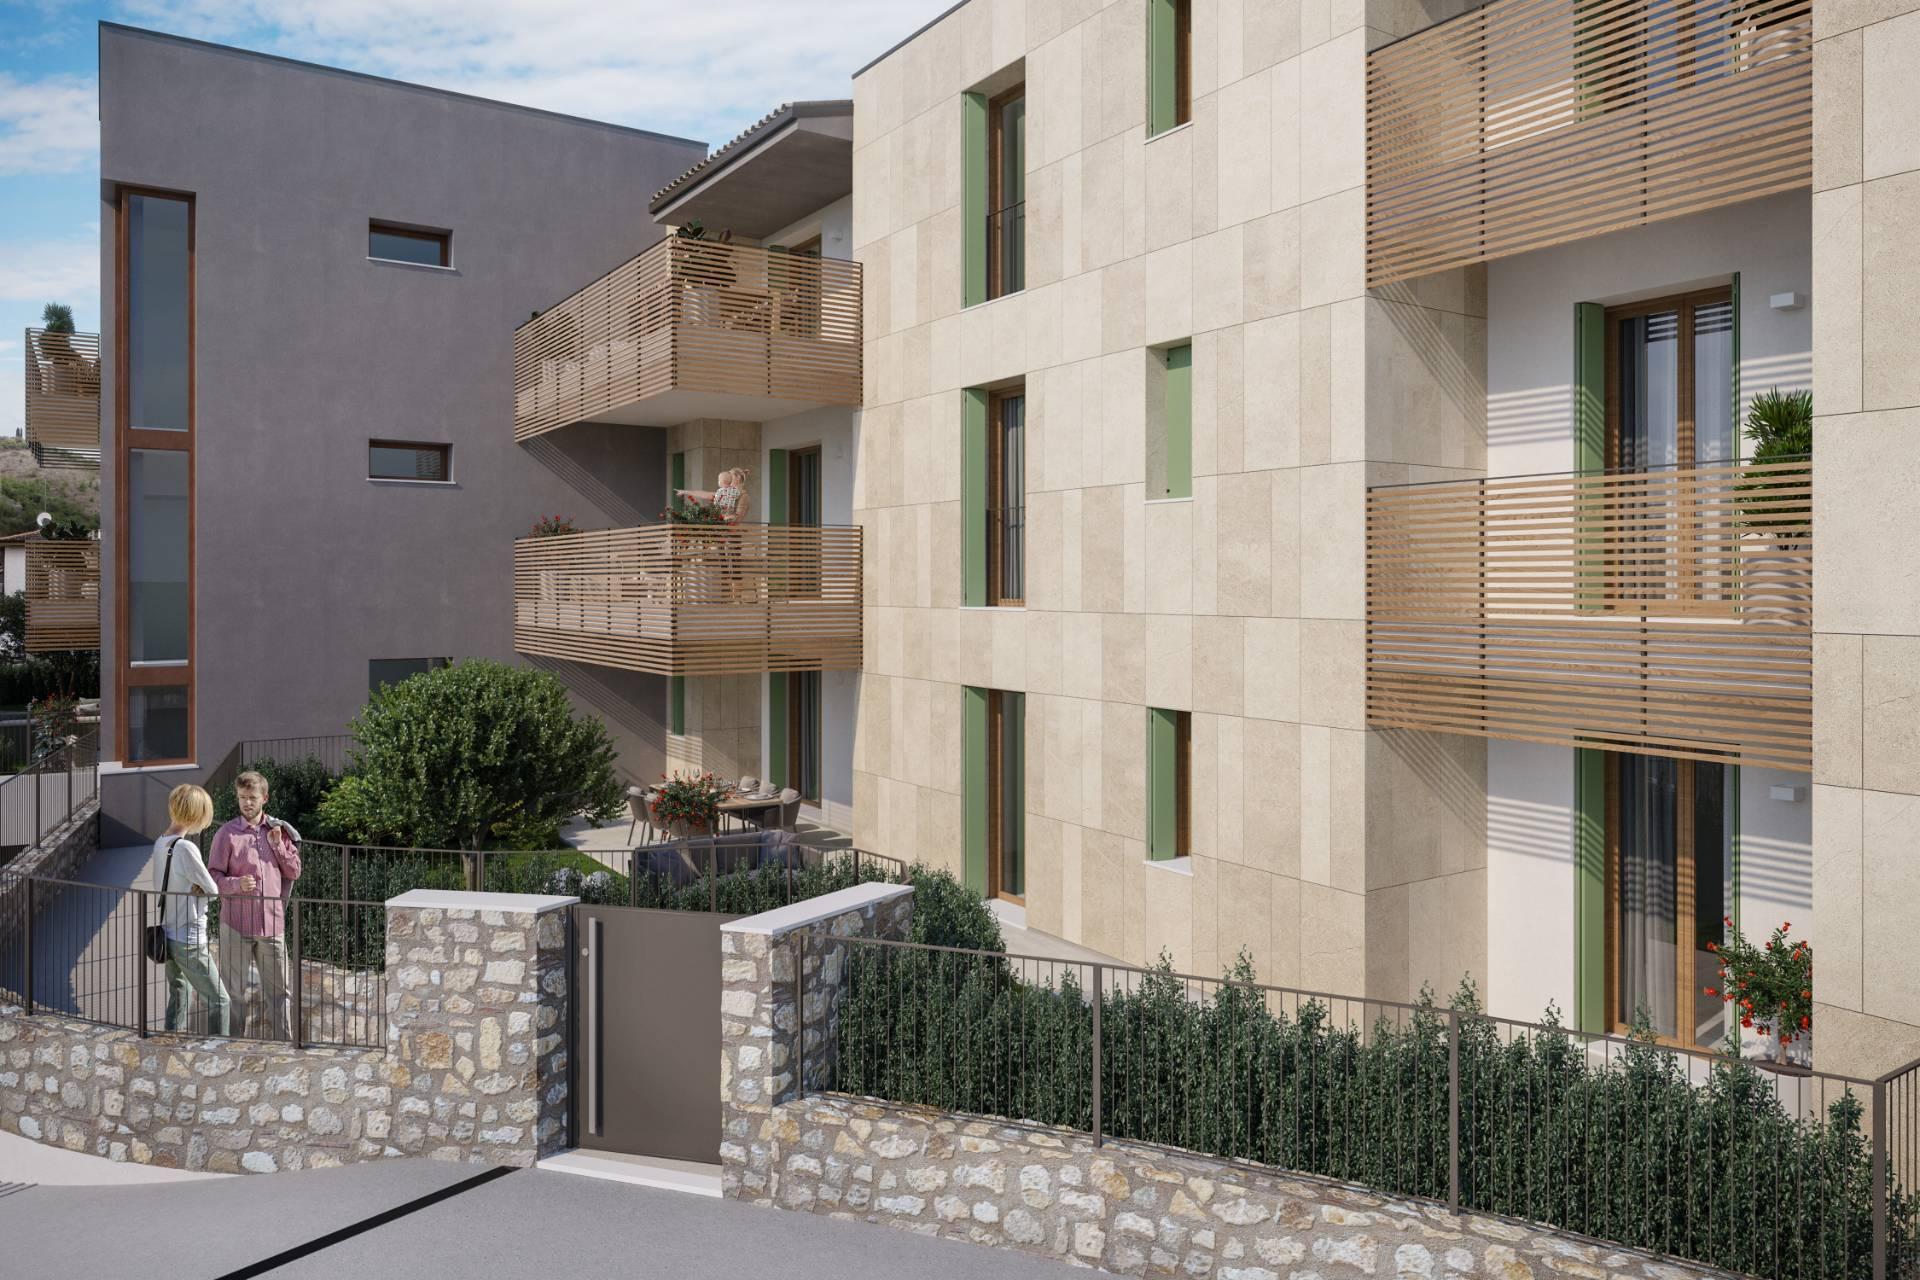 Appartamento in vendita a Verona, 5 locali, zona Zona: 5 . Quinzano - Pindemonte - Ponte Crencano - Valdonega - Avesa , prezzo € 495.000 | CambioCasa.it